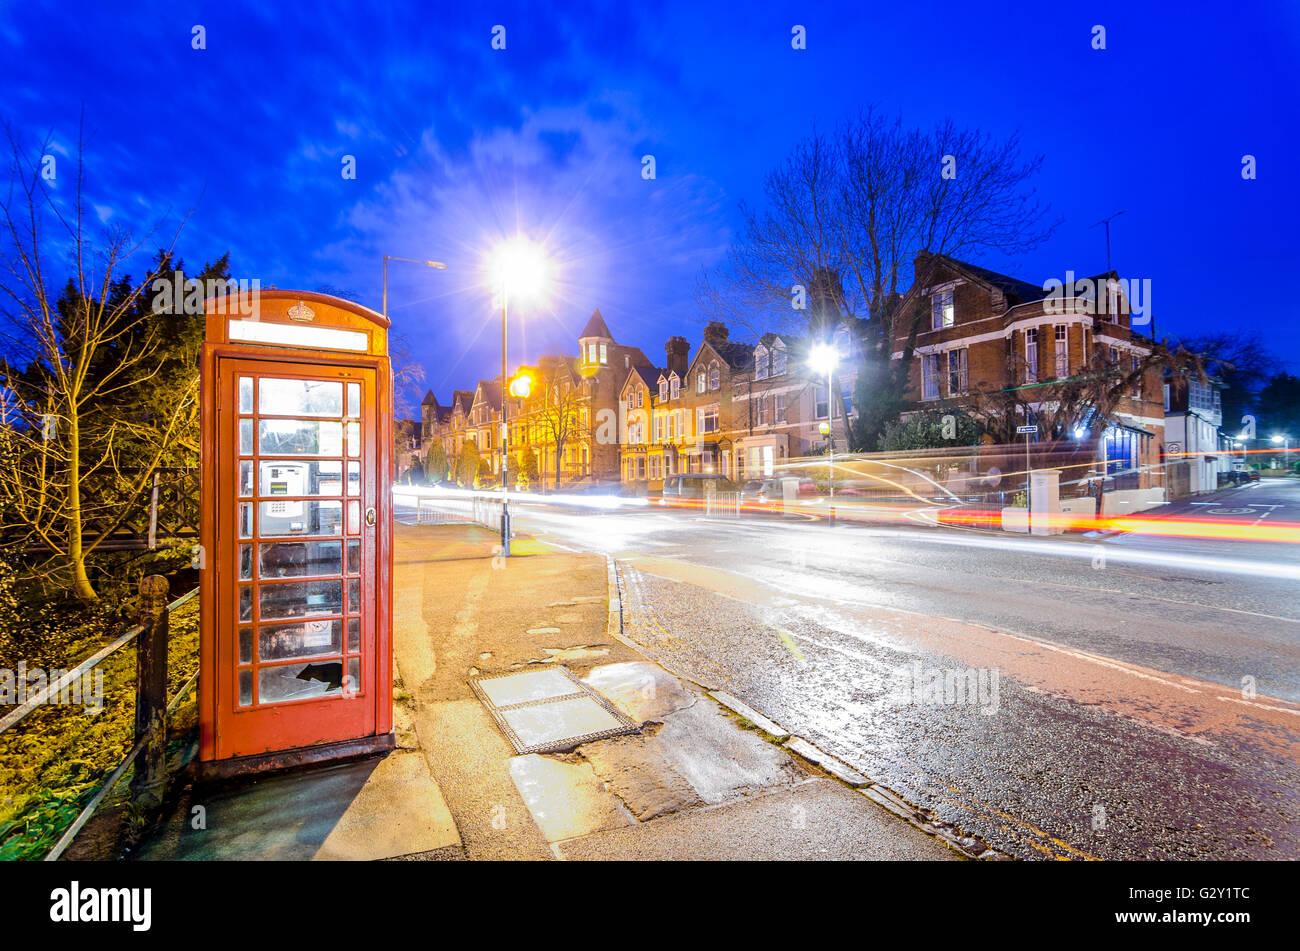 Scène de nuit à Cambridge, Royaume-Uni, avec téléphone rouge fort et le motion blur light trails Photo Stock